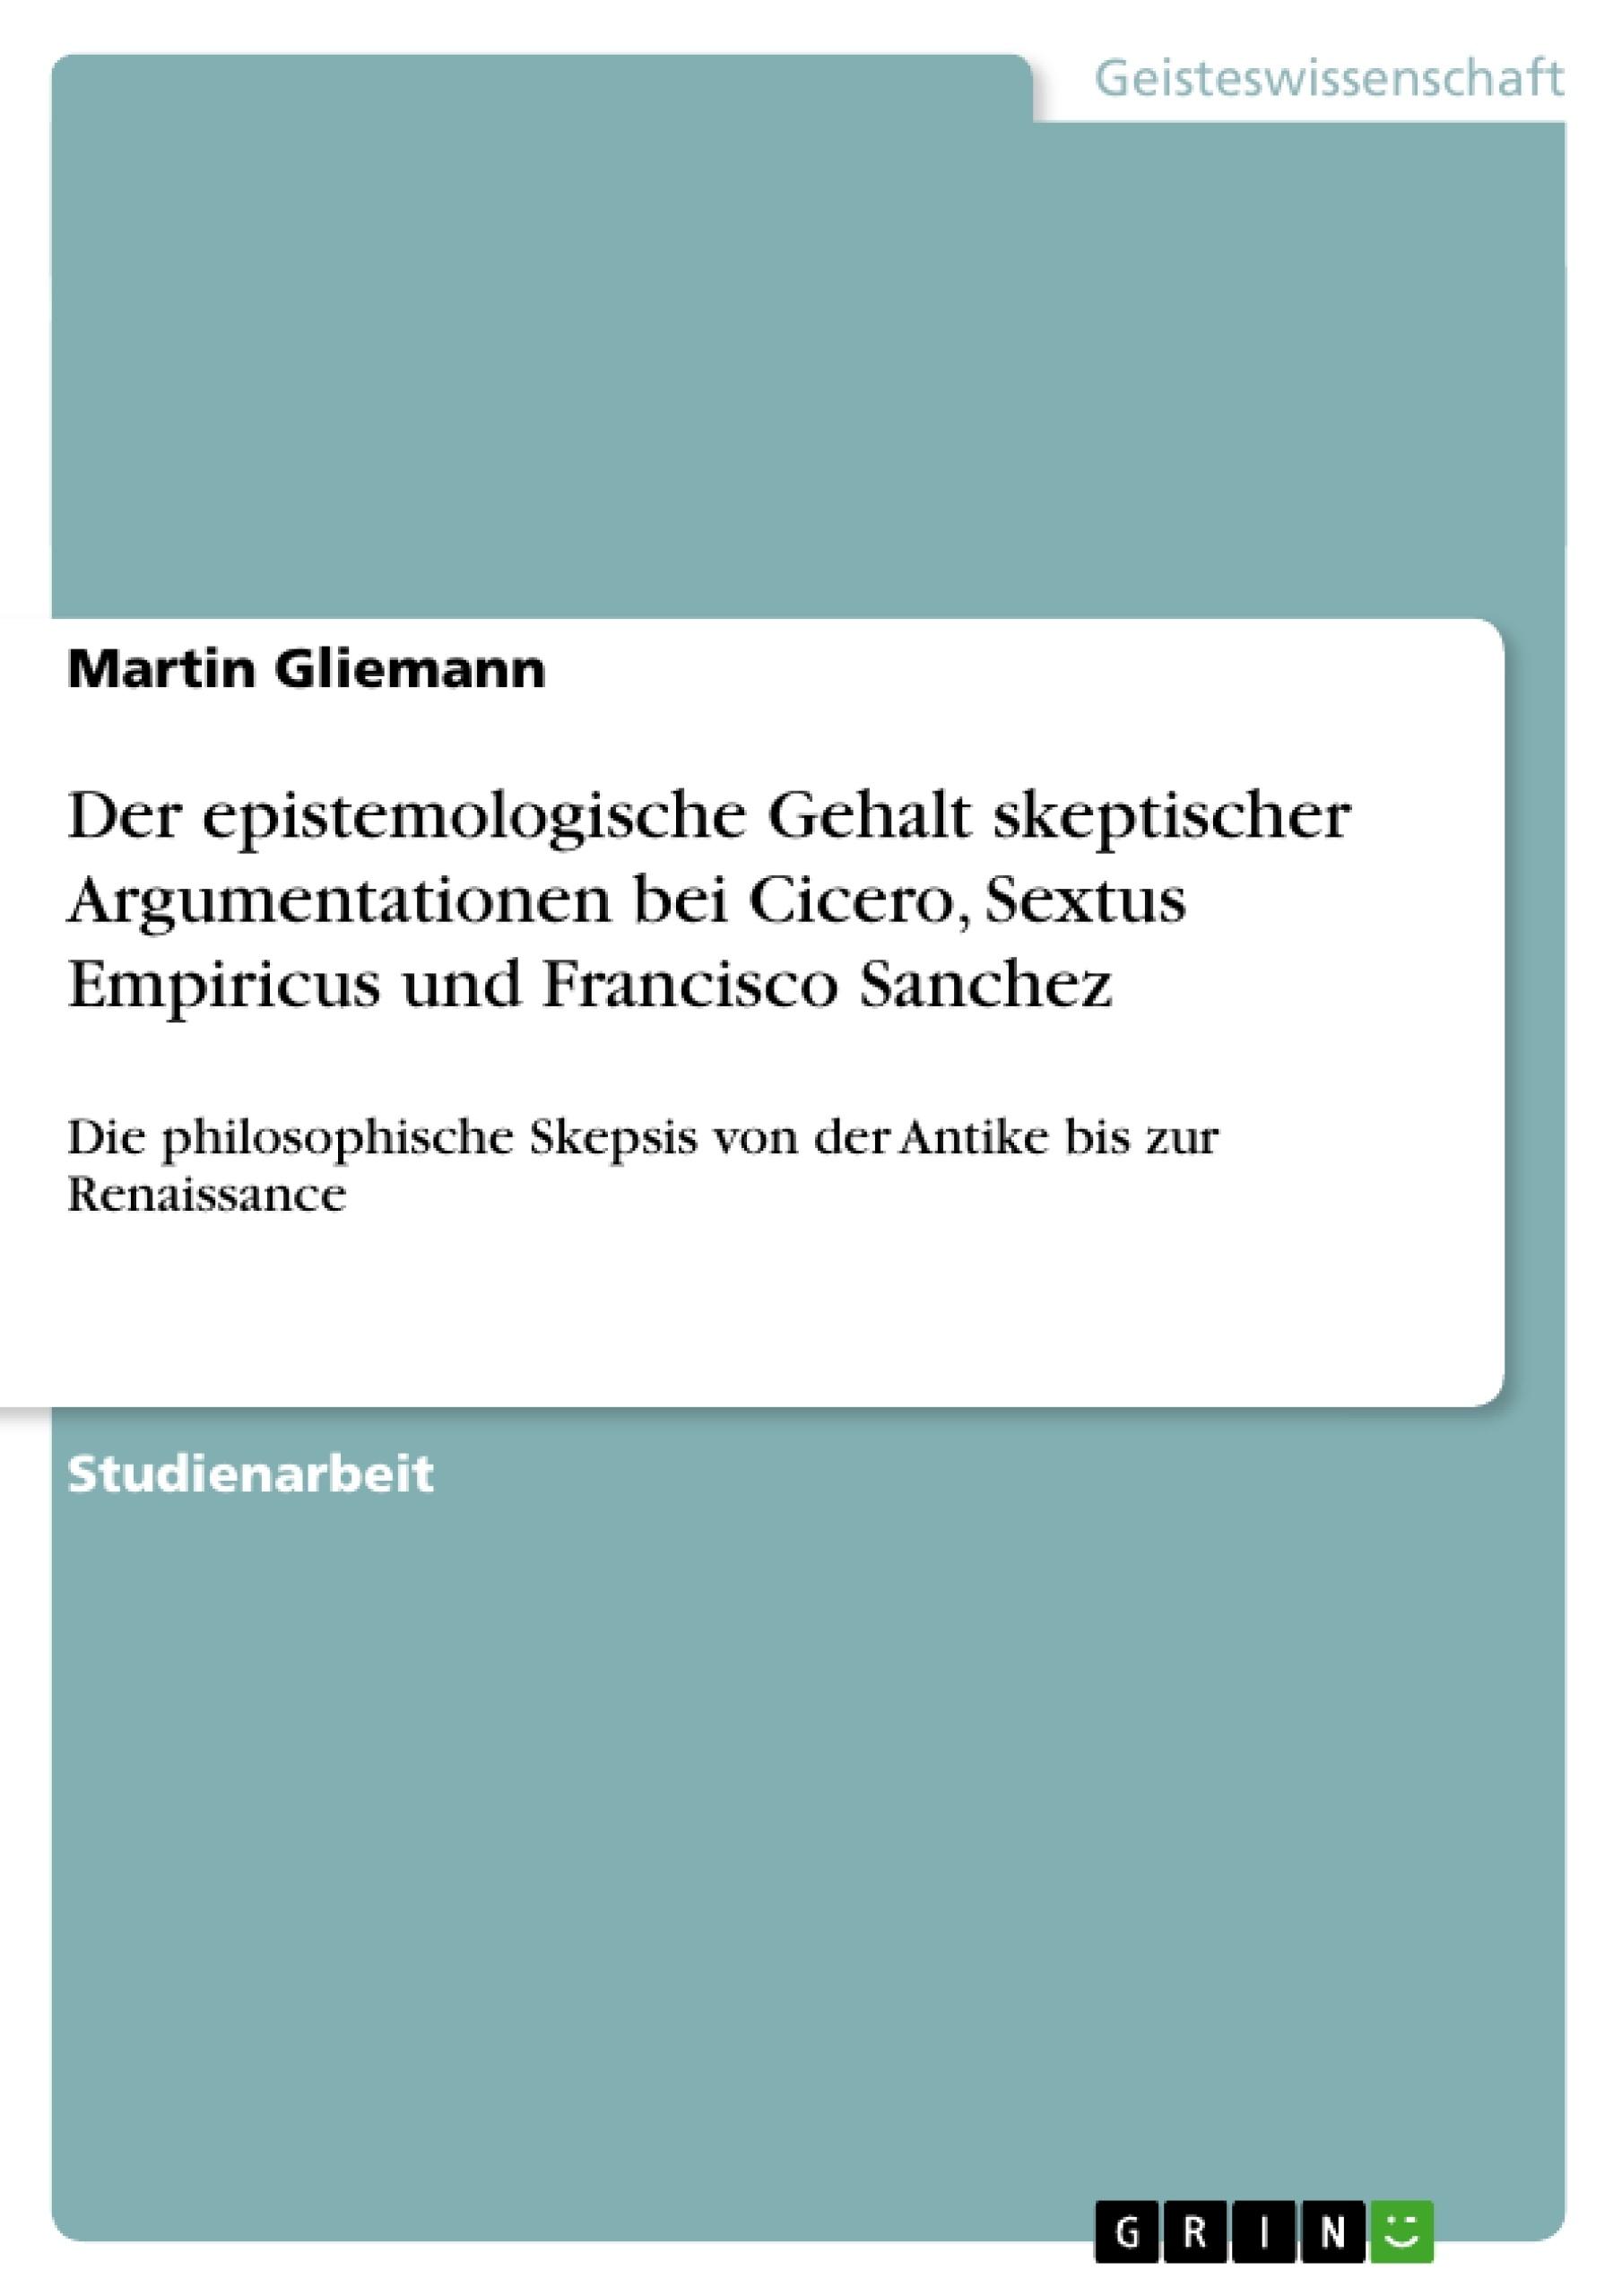 Titel: Der epistemologische Gehalt skeptischer Argumentationen bei Cicero, Sextus Empiricus und Francisco Sanchez